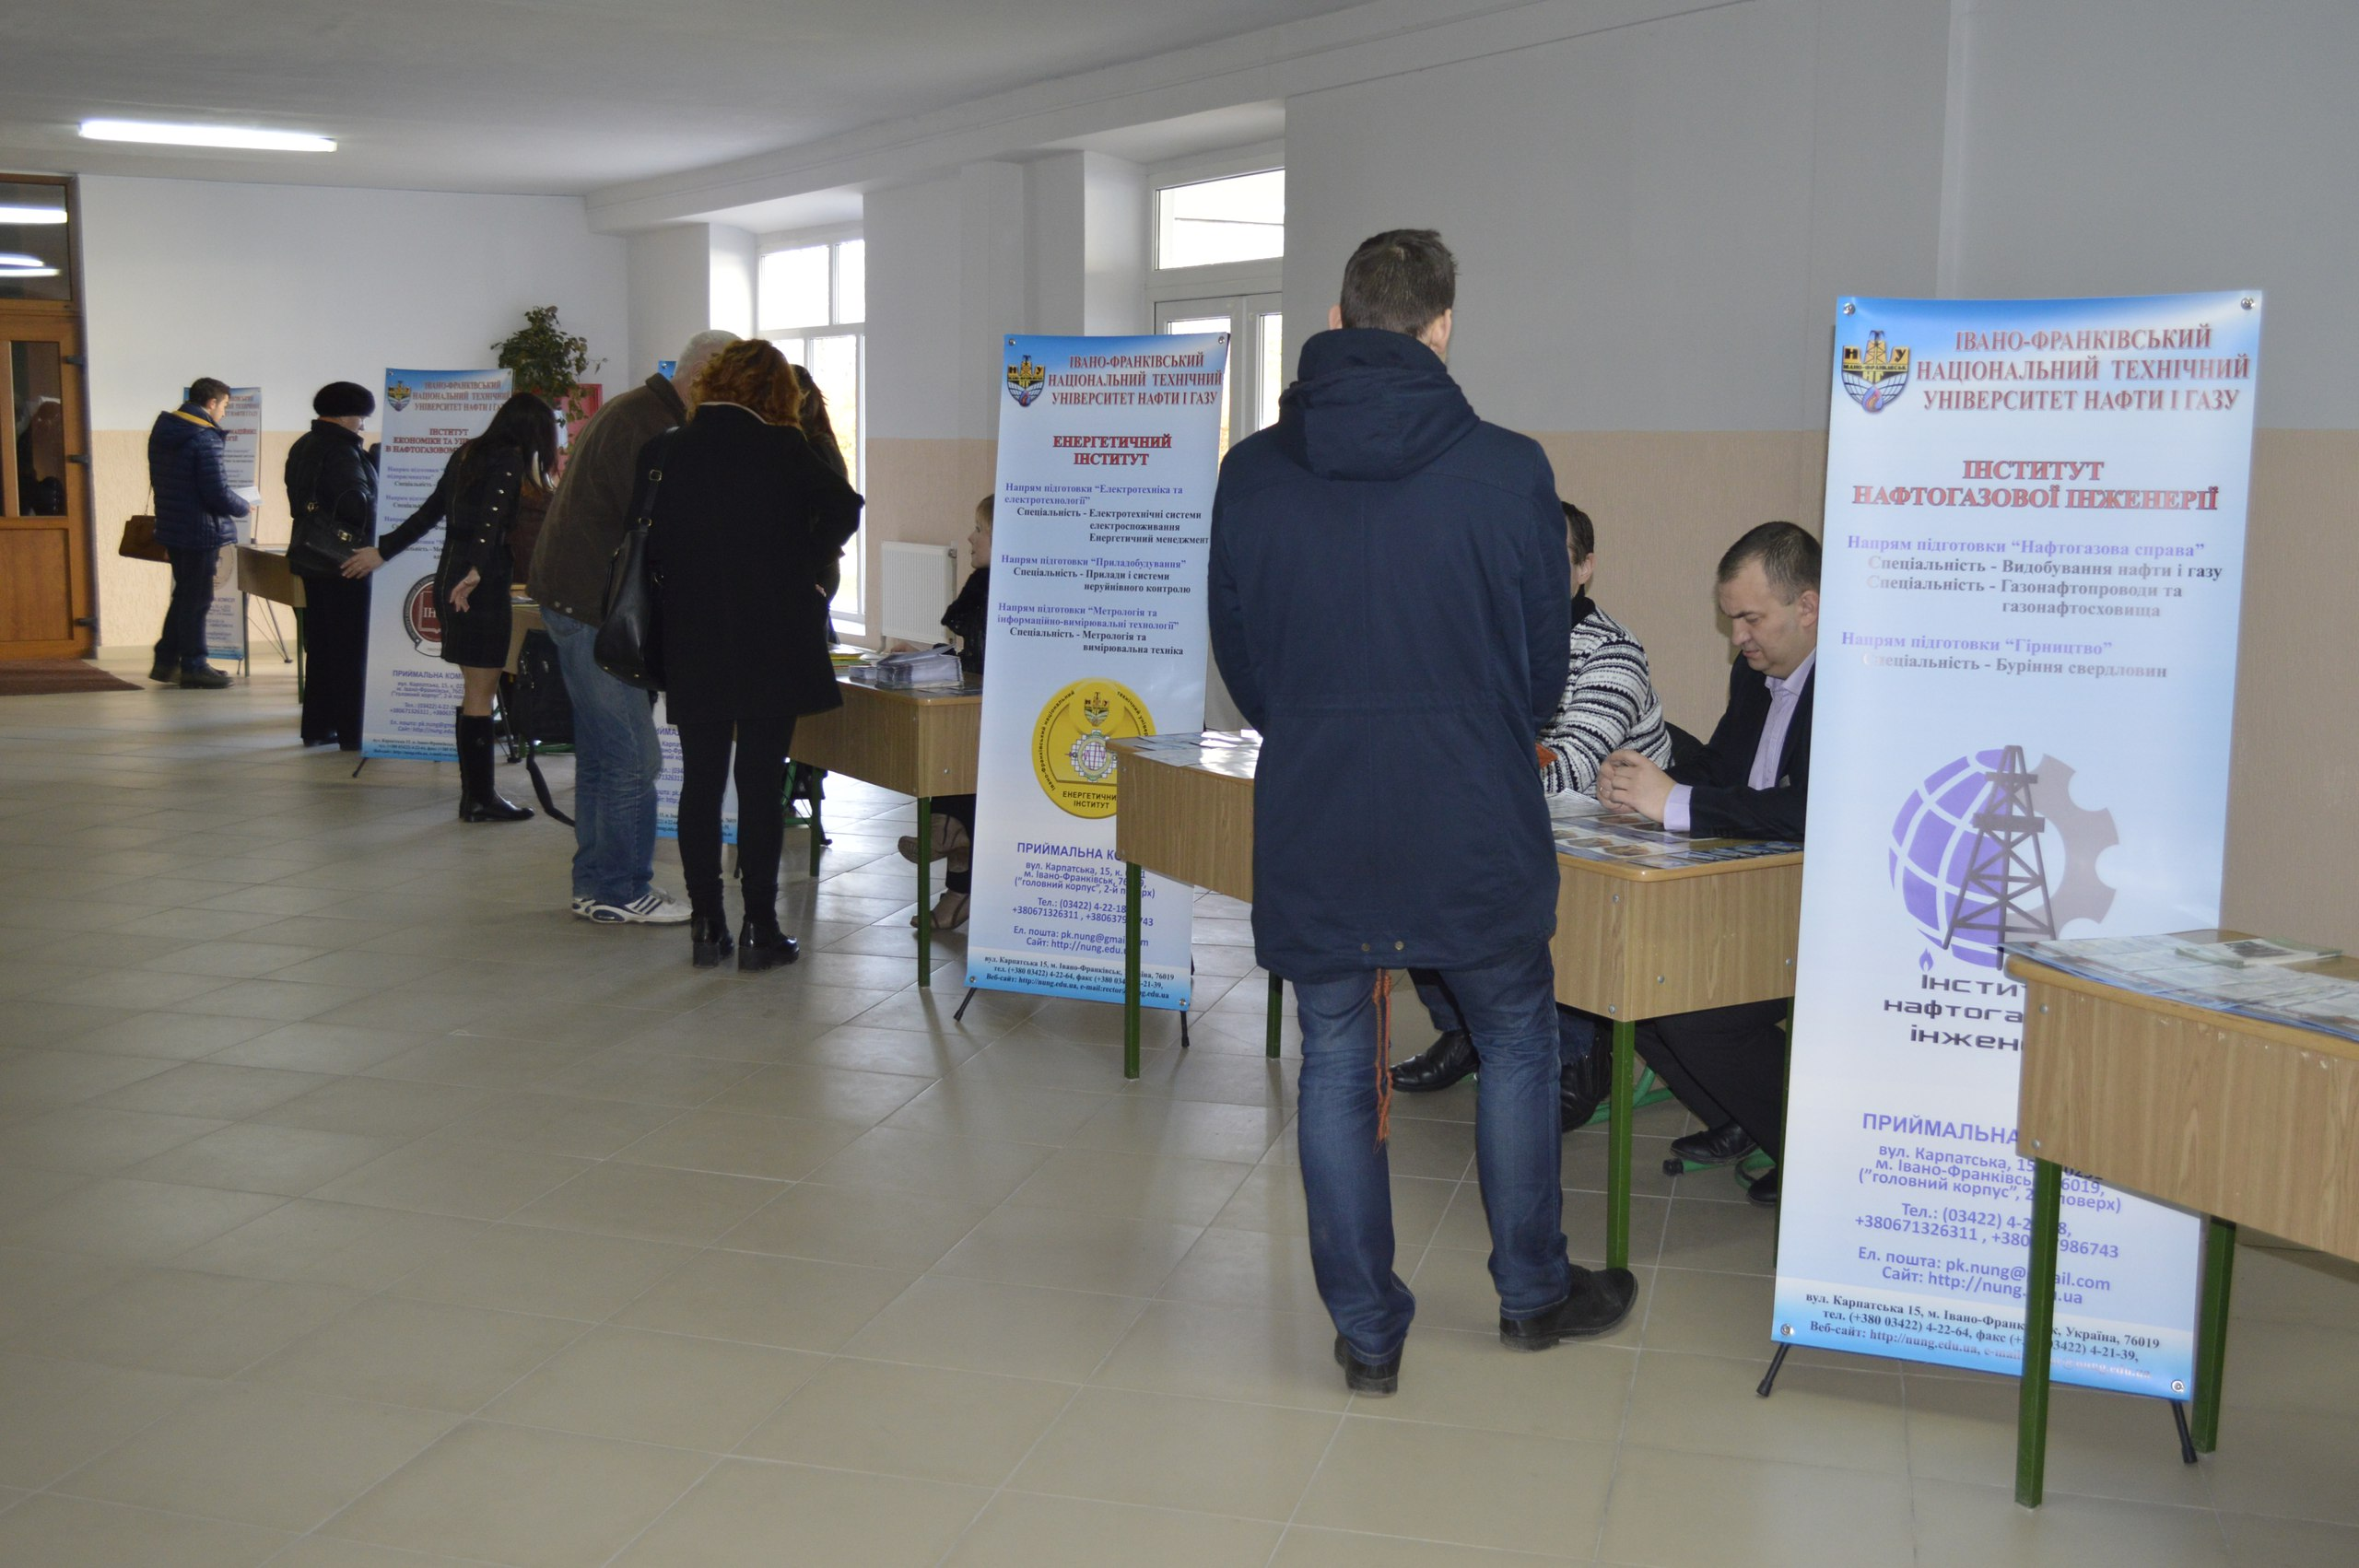 В Івано-Франківському університеті нафти і газу відбувся день майбутнього студента (фоторепортаж)